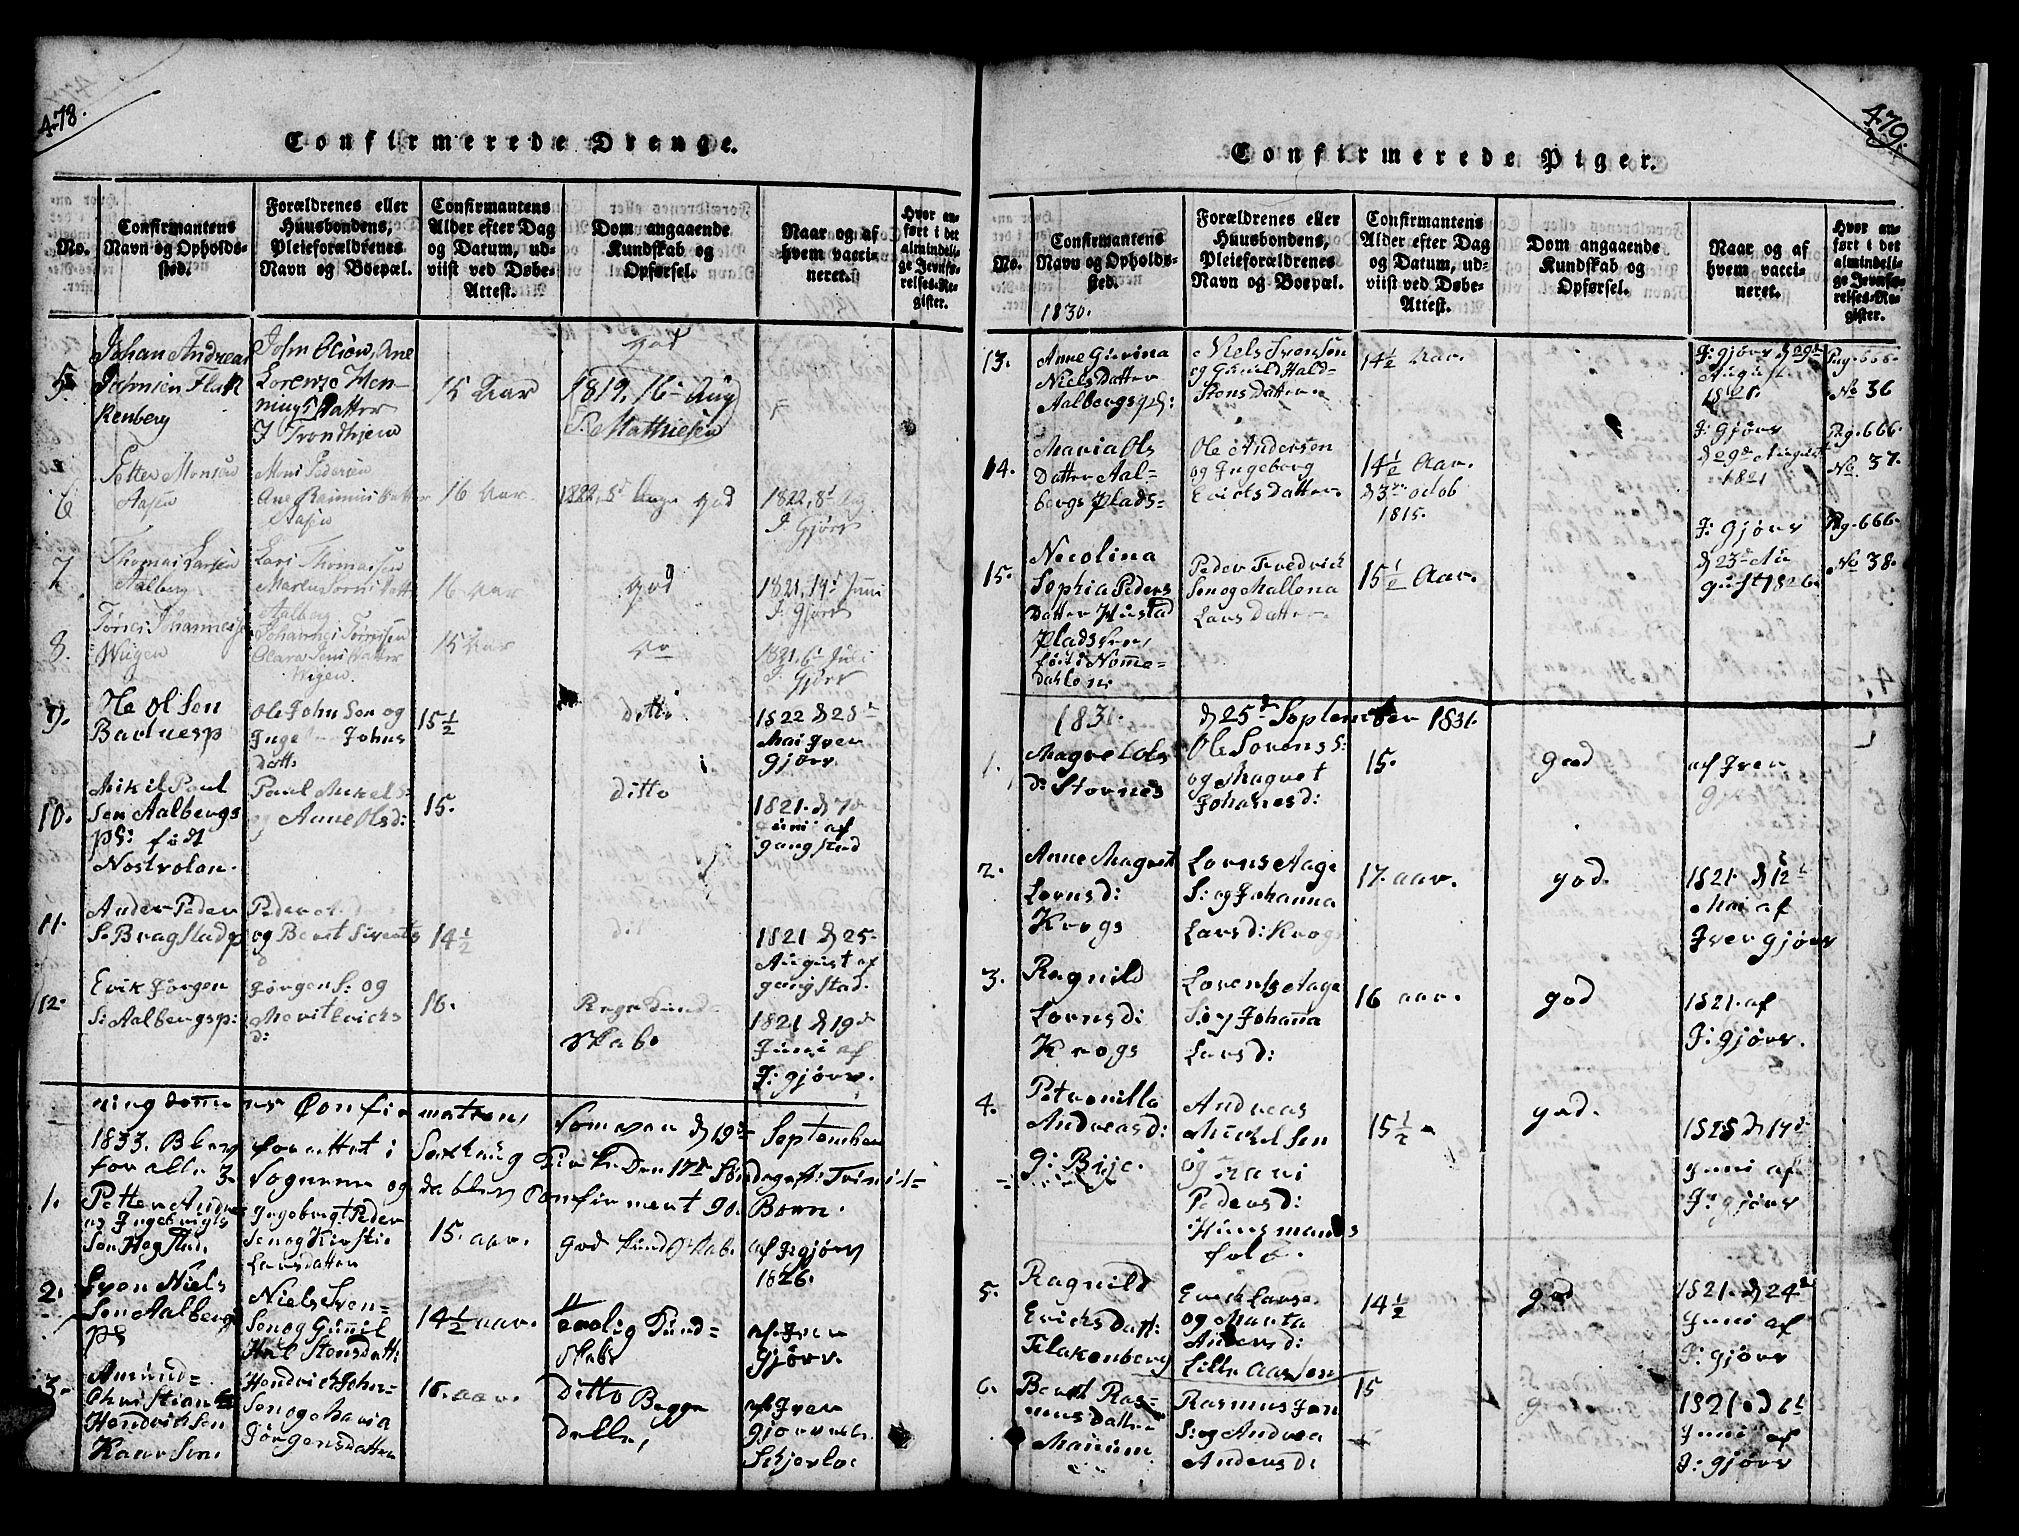 SAT, Ministerialprotokoller, klokkerbøker og fødselsregistre - Nord-Trøndelag, 732/L0317: Klokkerbok nr. 732C01, 1816-1881, s. 478-479